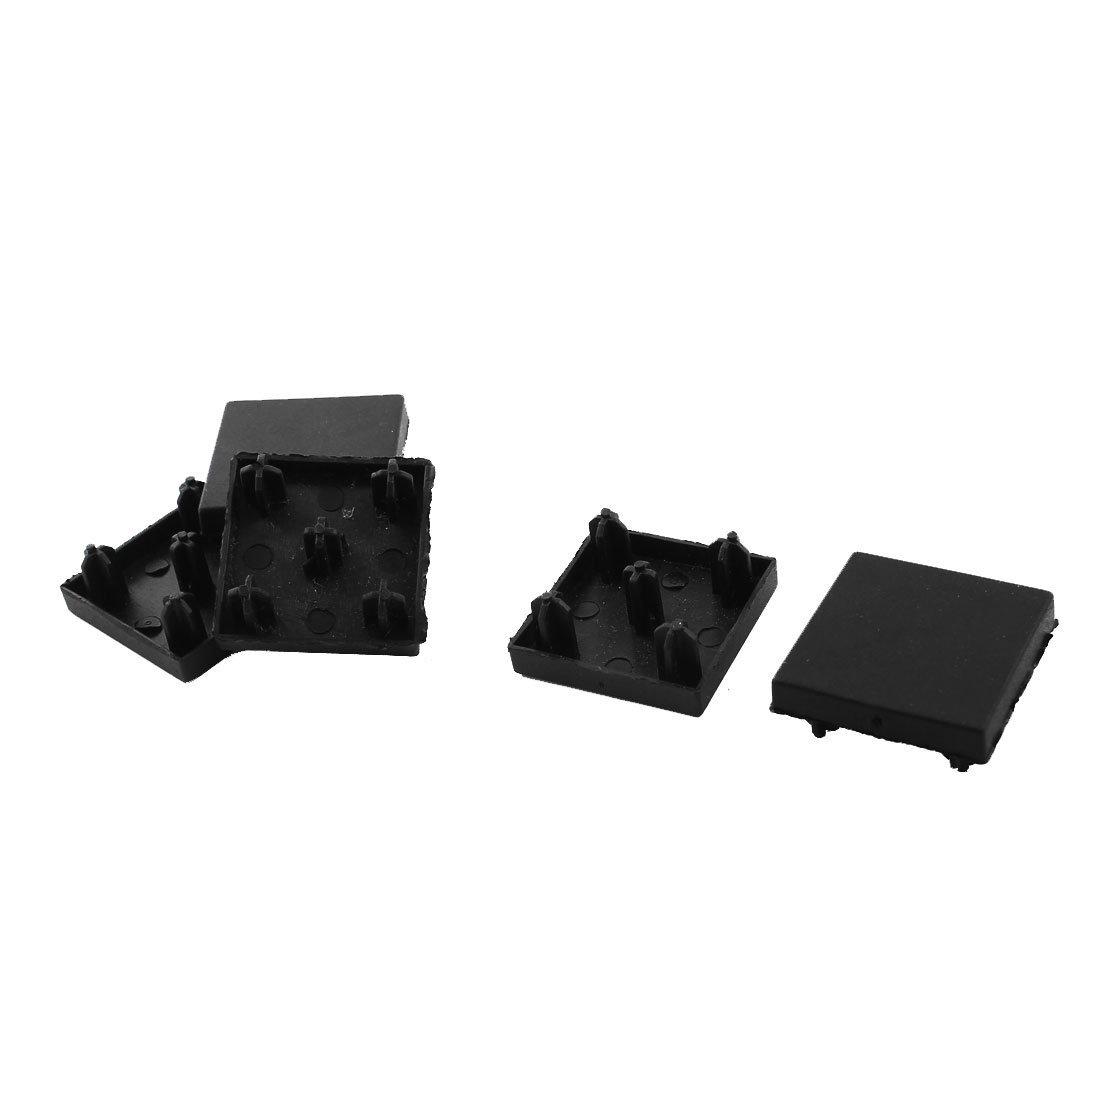 30mm x 30mm T-ranurado de aluminio de extrusi/ón Perfil Negro tapa del extremo 5pcs